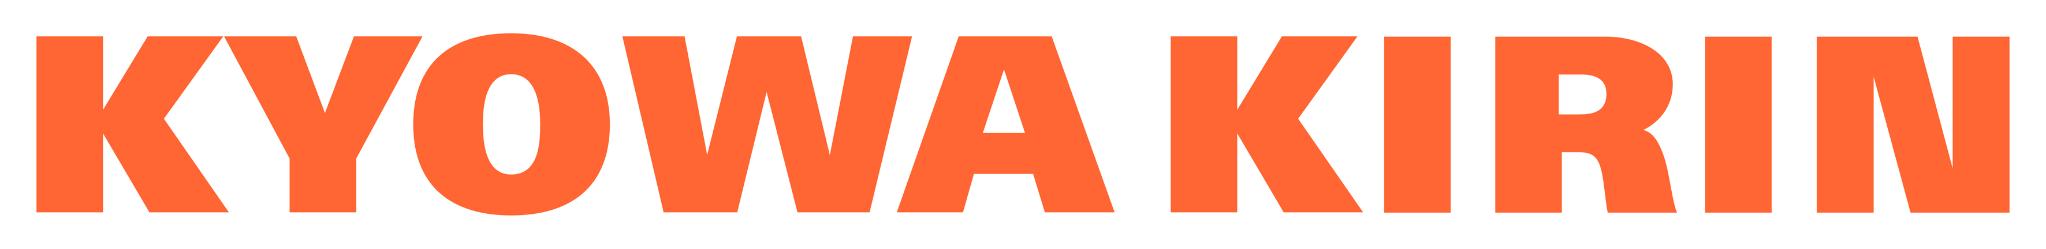 Kyowa Kirin, Inc